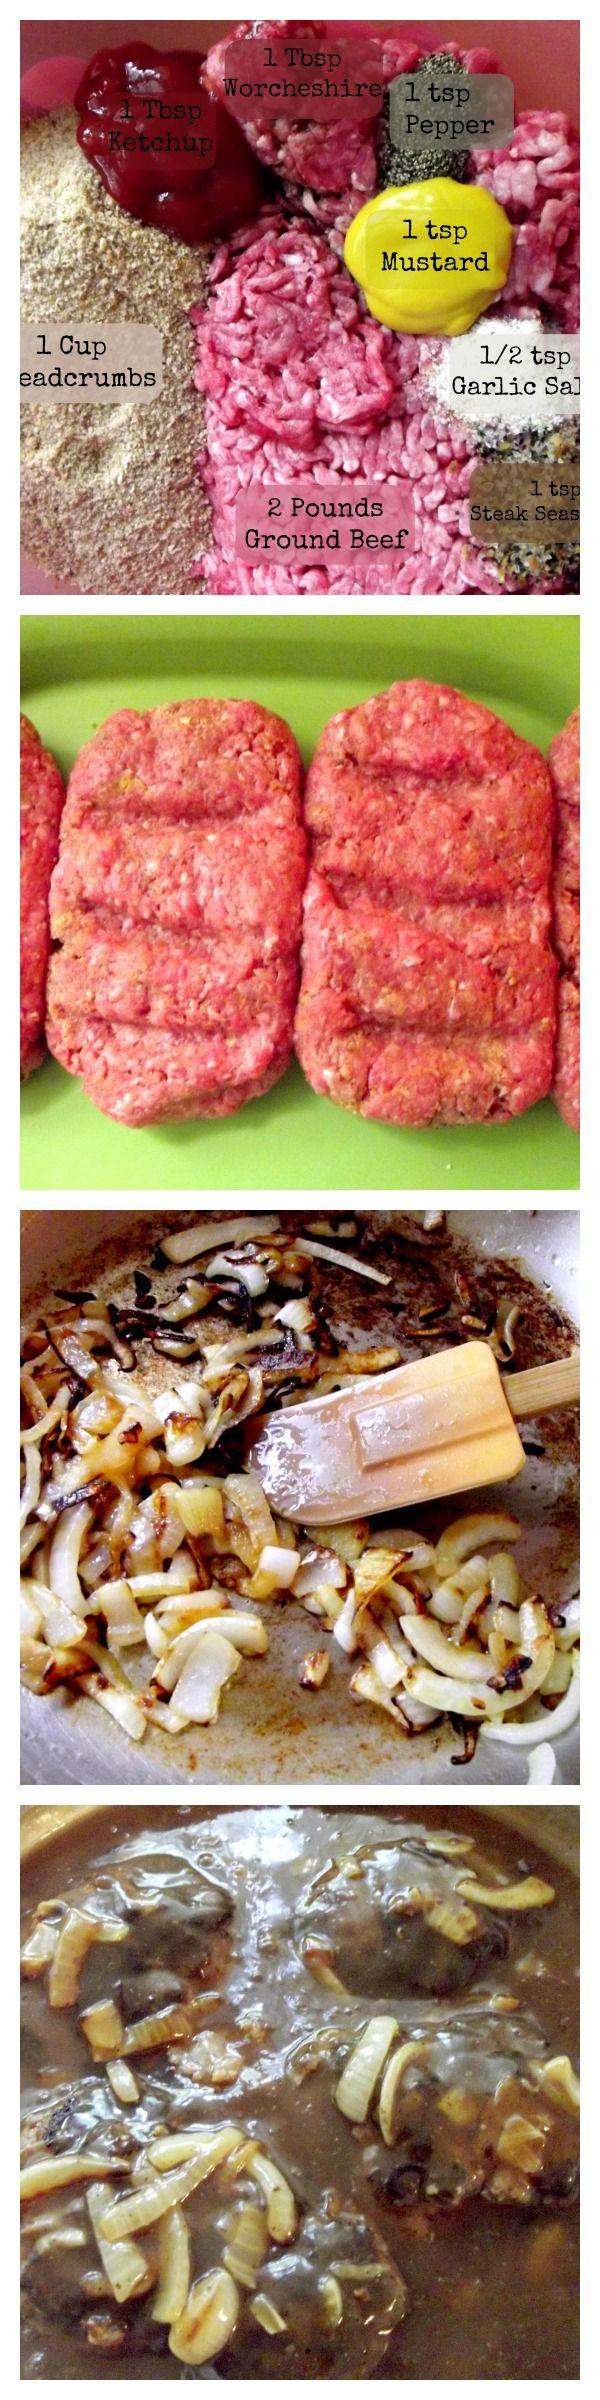 Salisbury Steak | Recipe | Gravy, Dry mustard and The beef